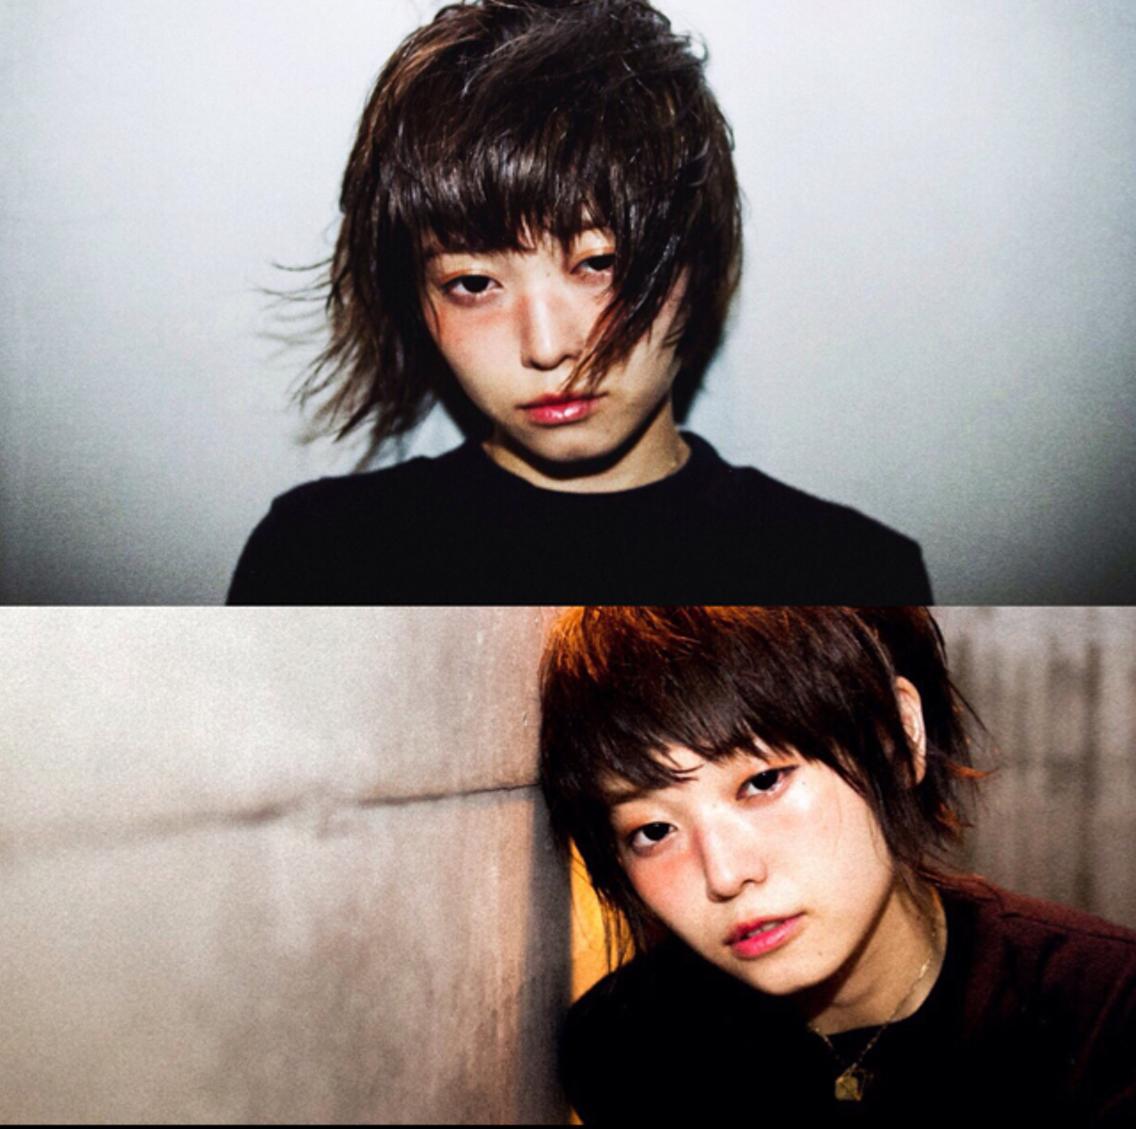 〈半額以下‼️‼️〉Cut&Color&Treatment→→→6000円 ✨✨  髪質に合わせて、トリートメントさせていただきます‼️